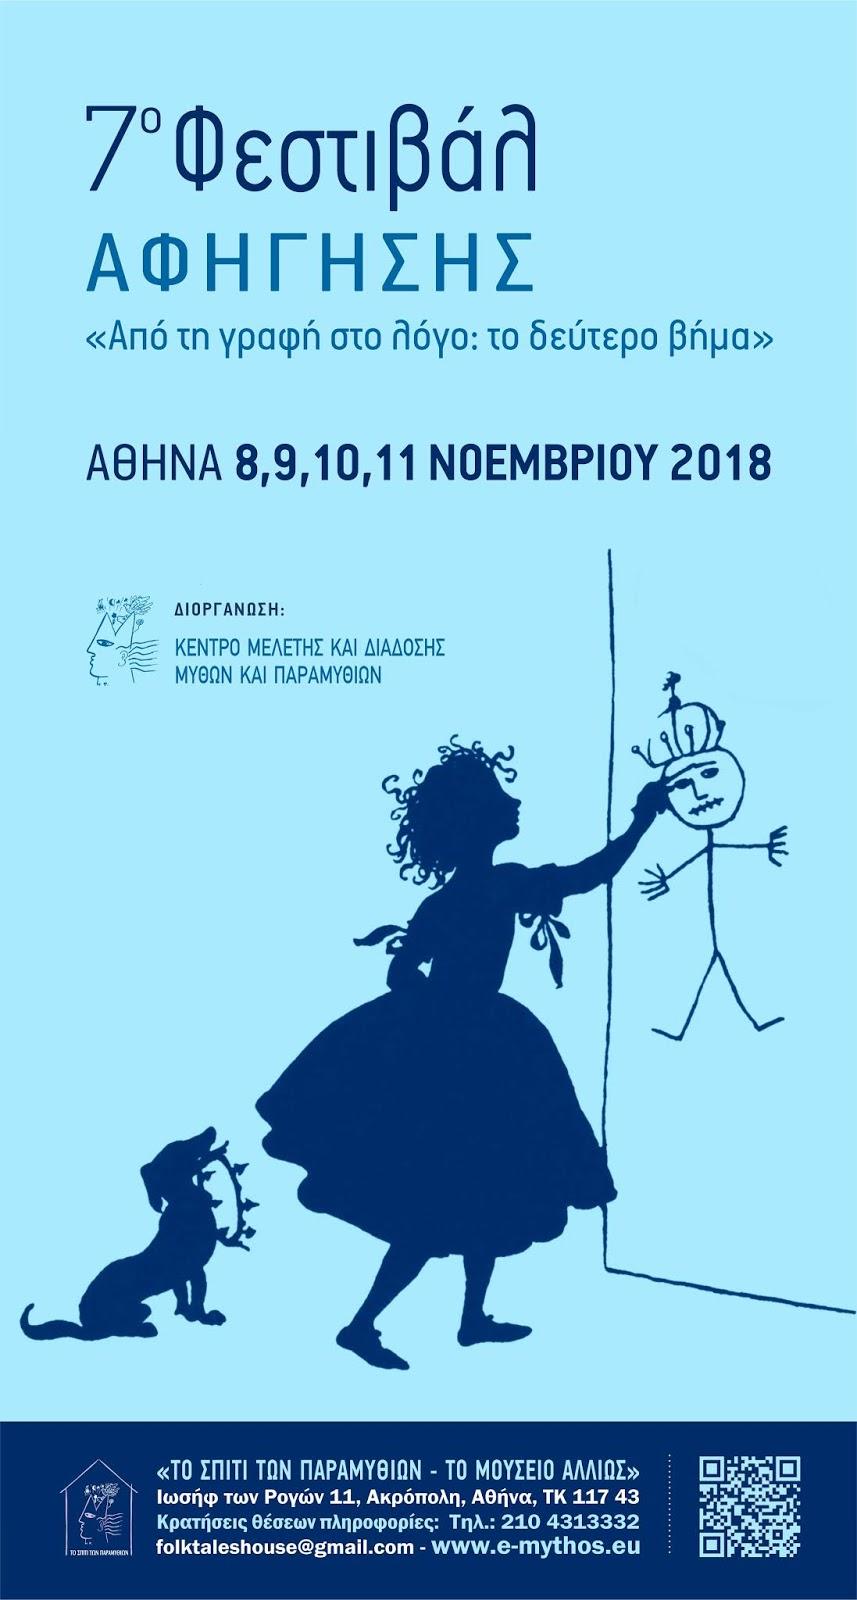 afisa-afhghsh2018-01.jpg